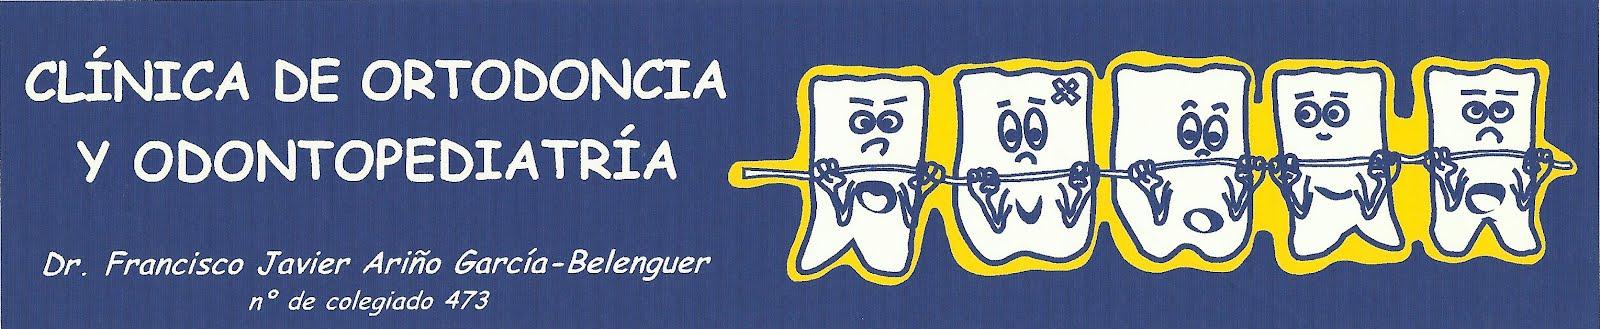 clínica dental CAXAL